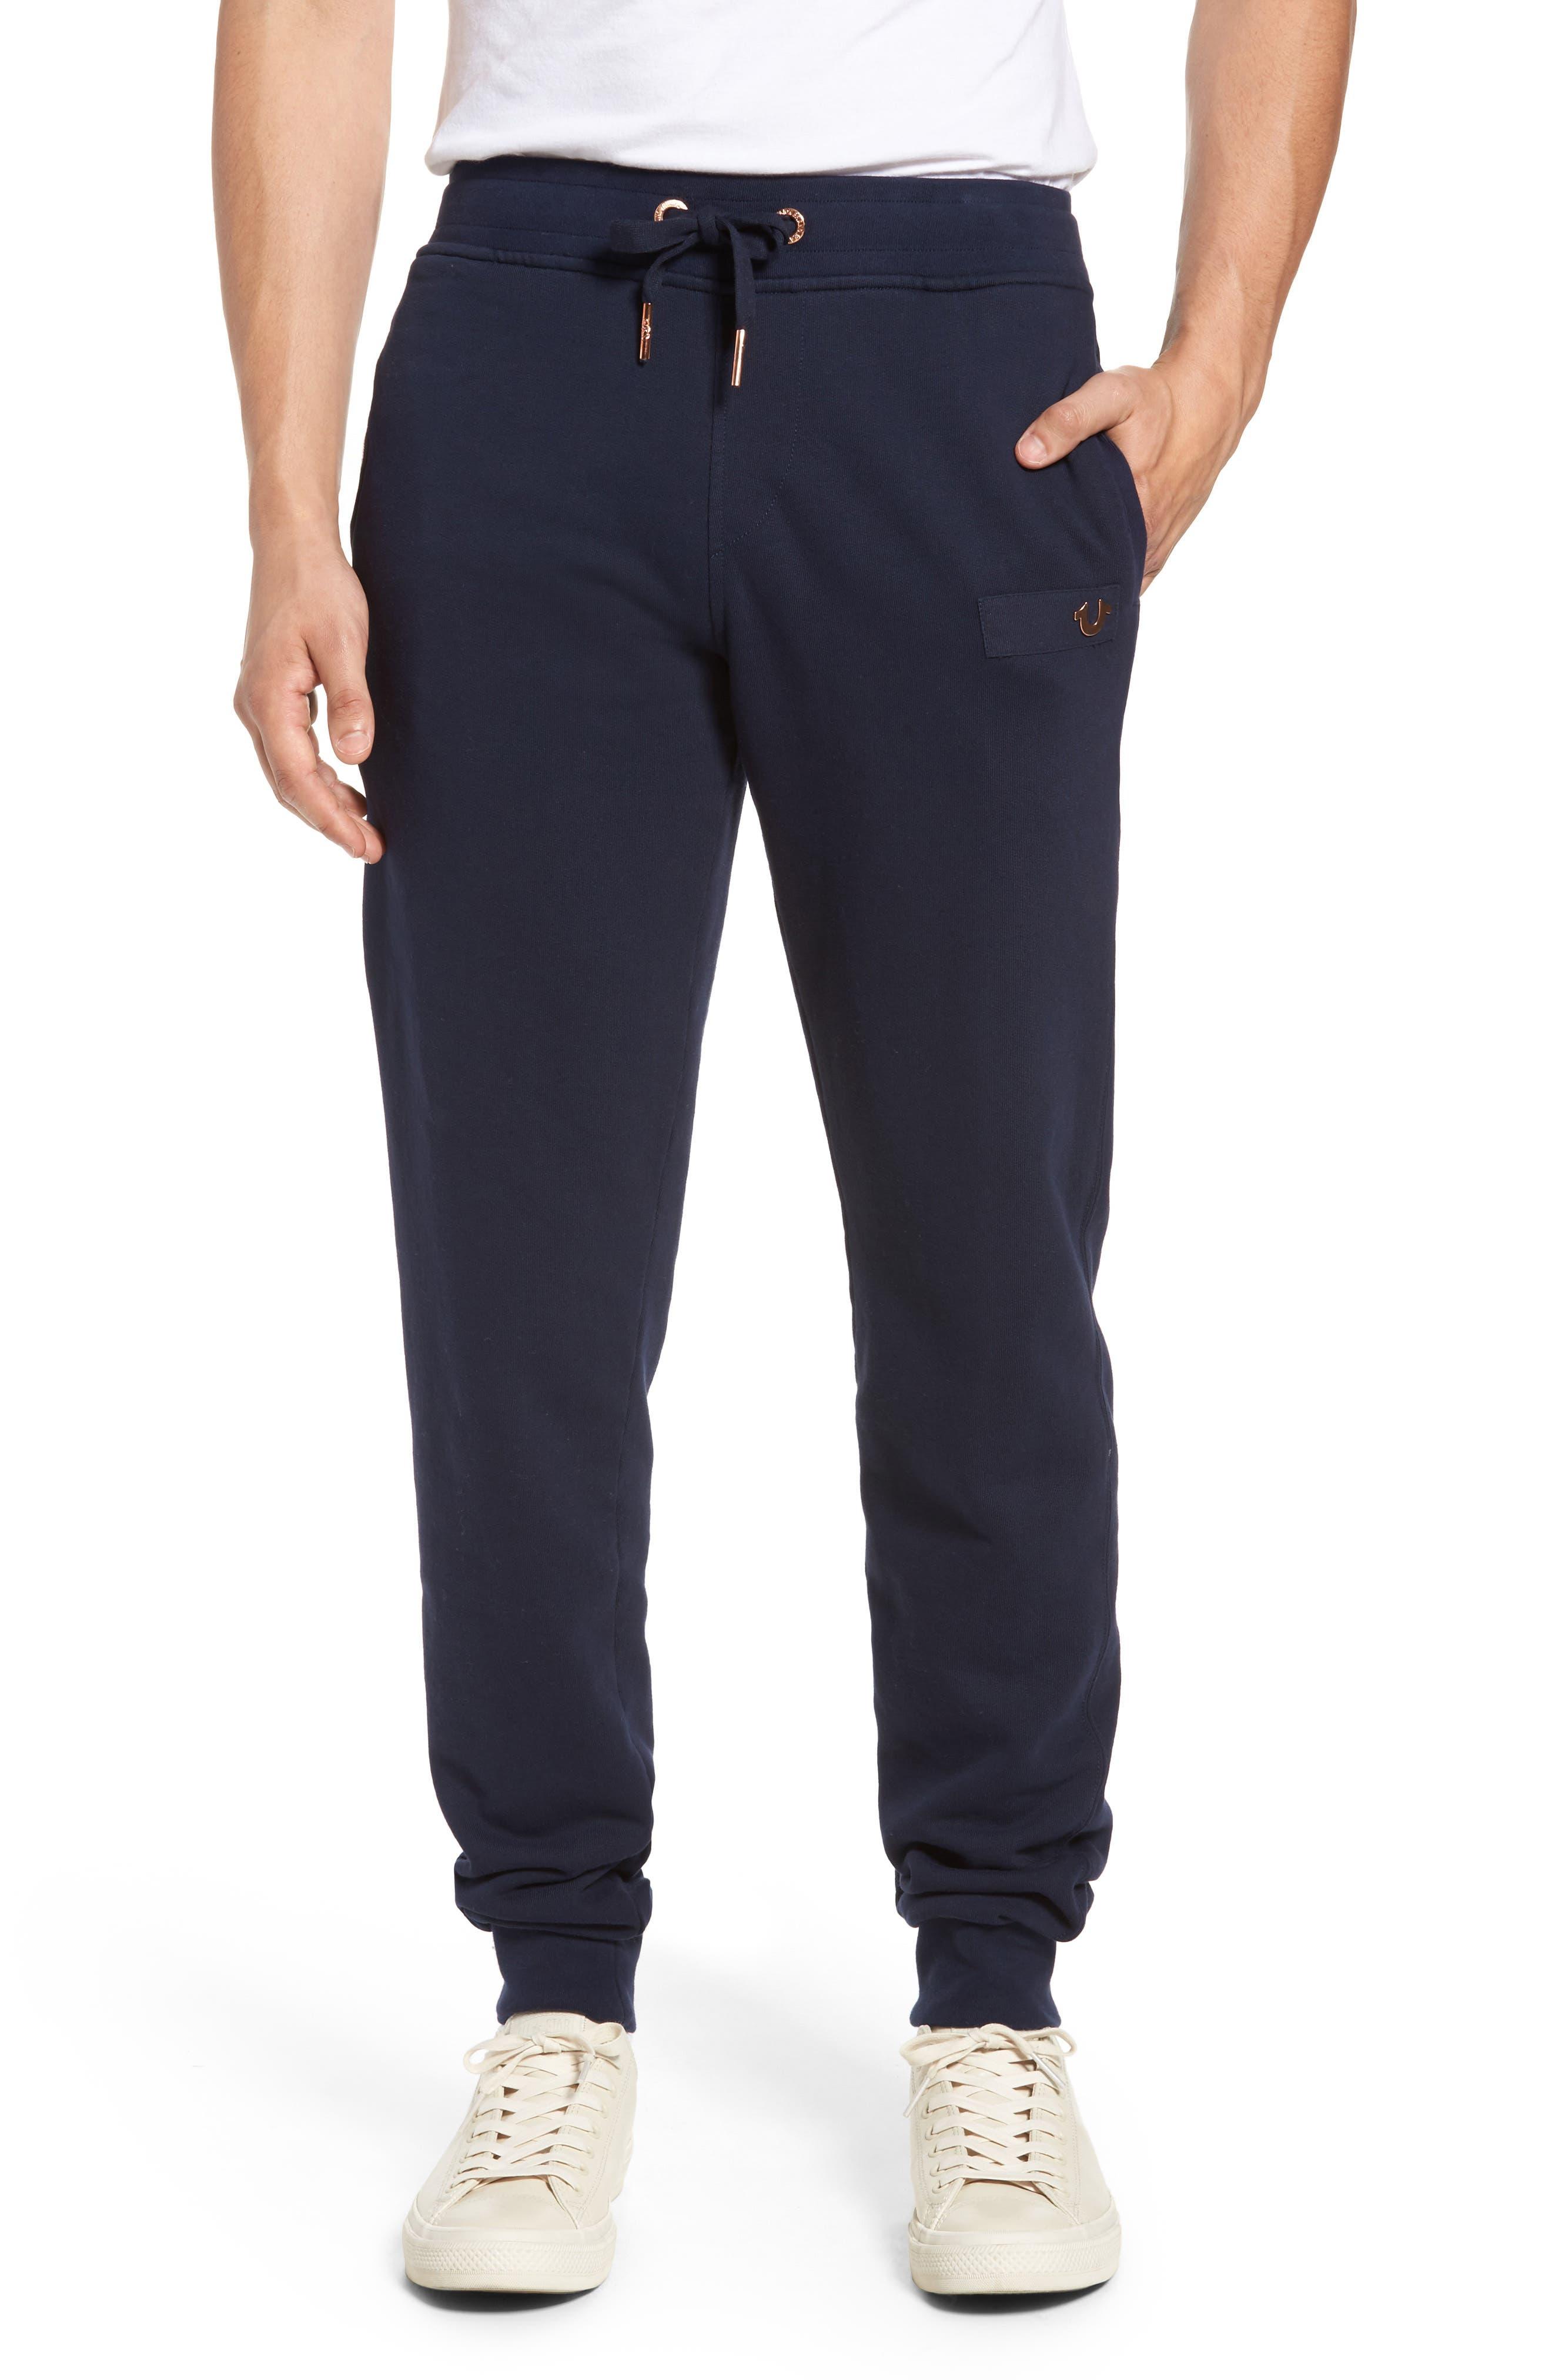 Horseshoe Sweatpants,                             Main thumbnail 1, color,                             Navy